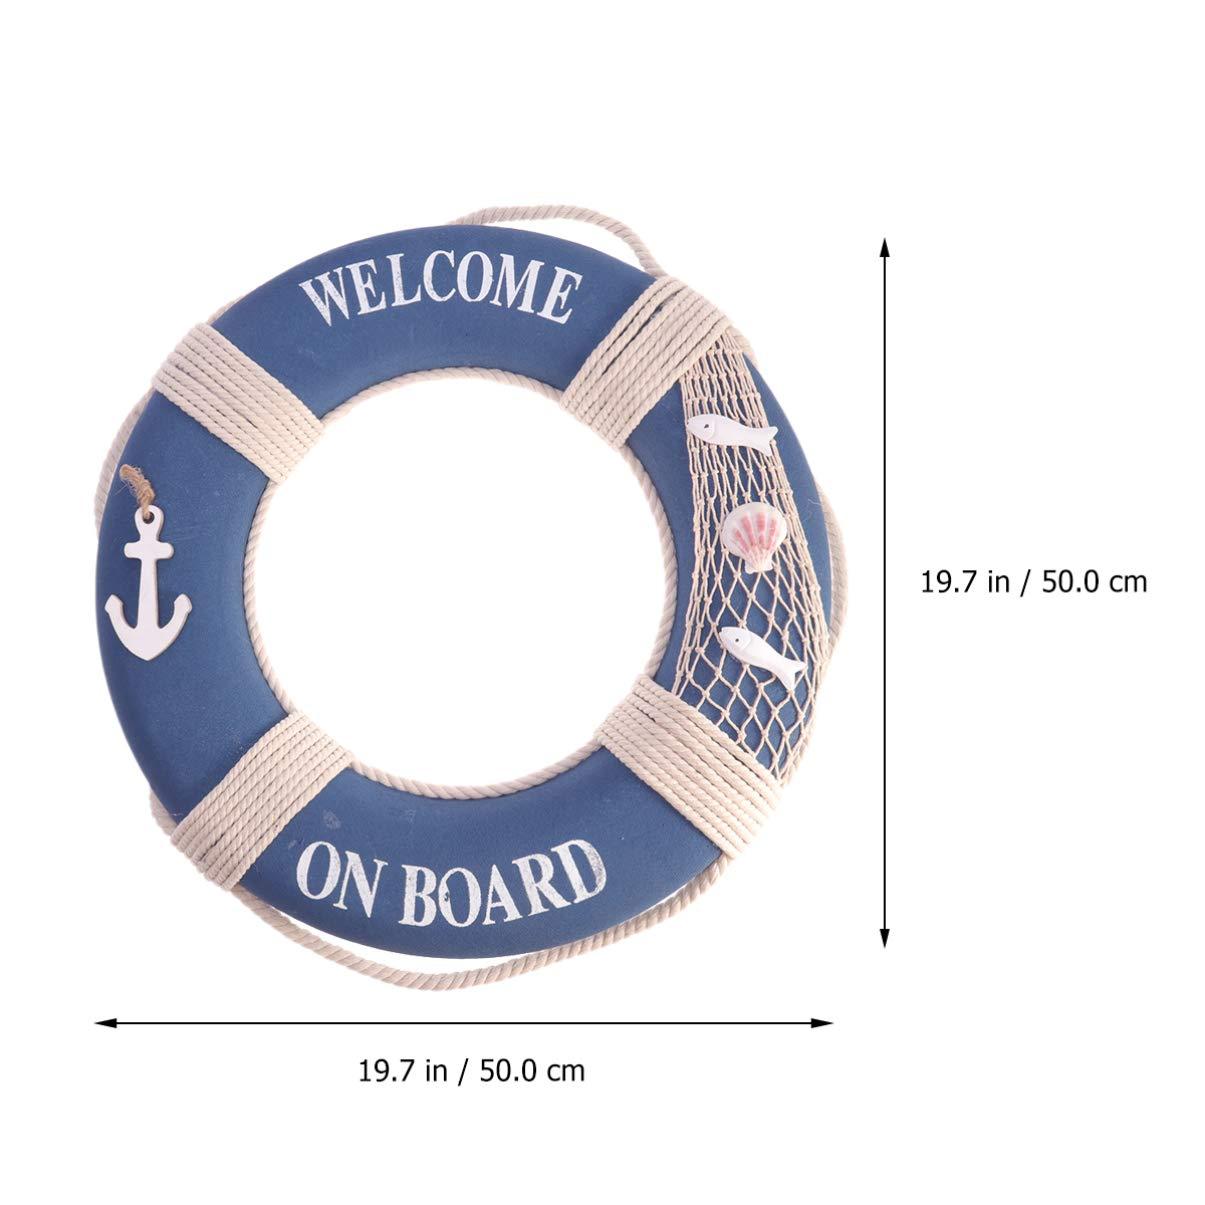 Bleu Amosfun Bou/ée de Sauvetage D/écorative Welcome on Board Inscription M/éditerran/éen Bou/ée De Sauvetage Marine Nautique D/écoration Suspendu Mural pour Porte Bar 14cm